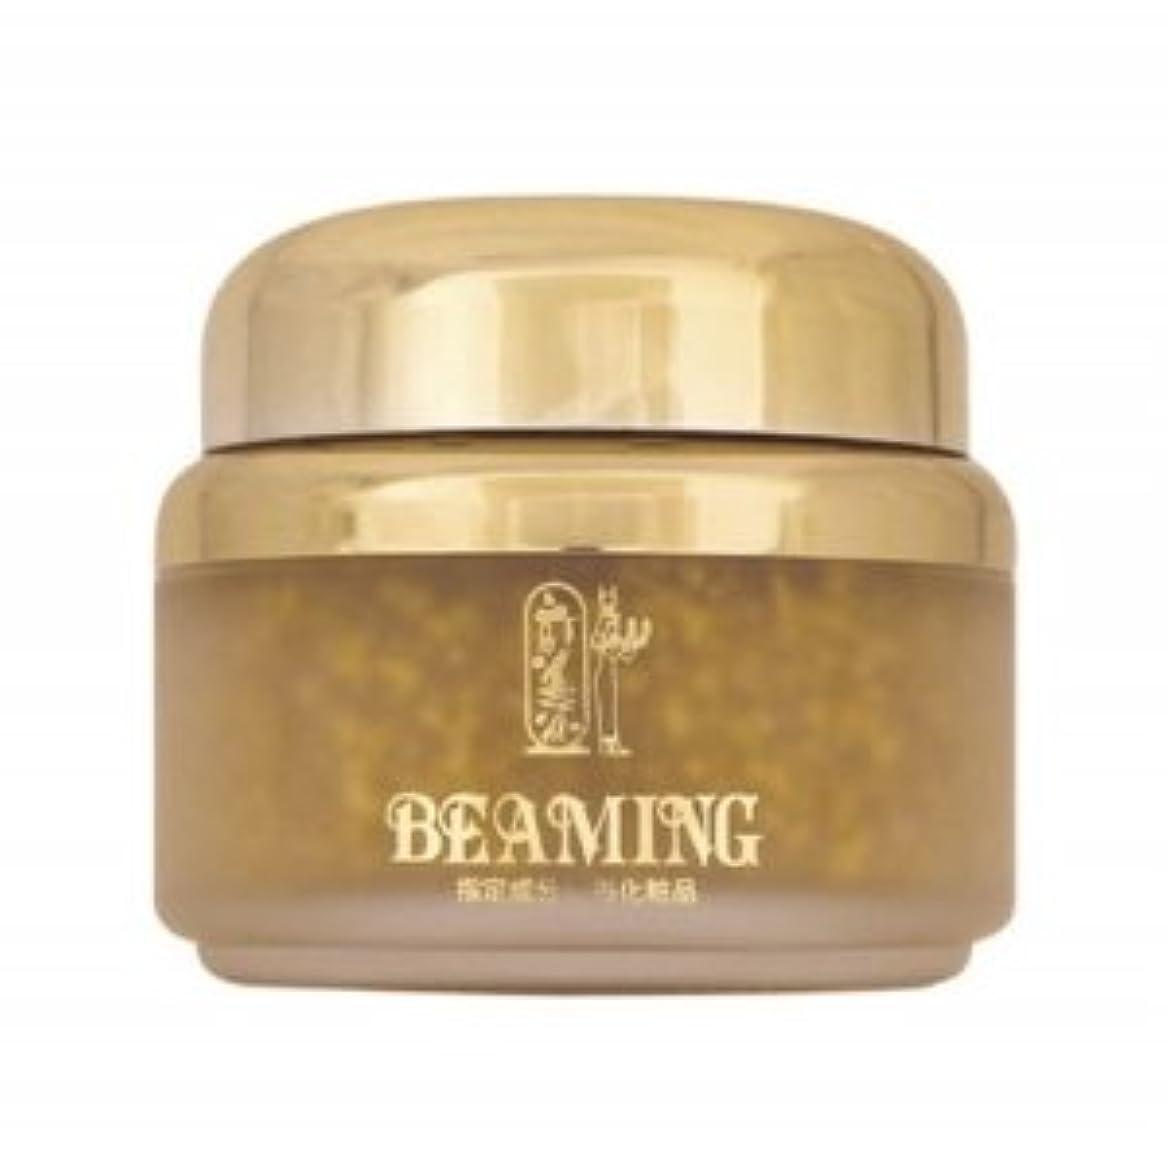 気を散らす抑止するものVIP ビーミングシリーズ 100% 無添加 美容界の奇跡 超高級 純金箔 錆びない肌 究極の スキンケアセット クレオパトラ の 基礎化粧品 日本製 (ビーミングゴールドフェースブロック)